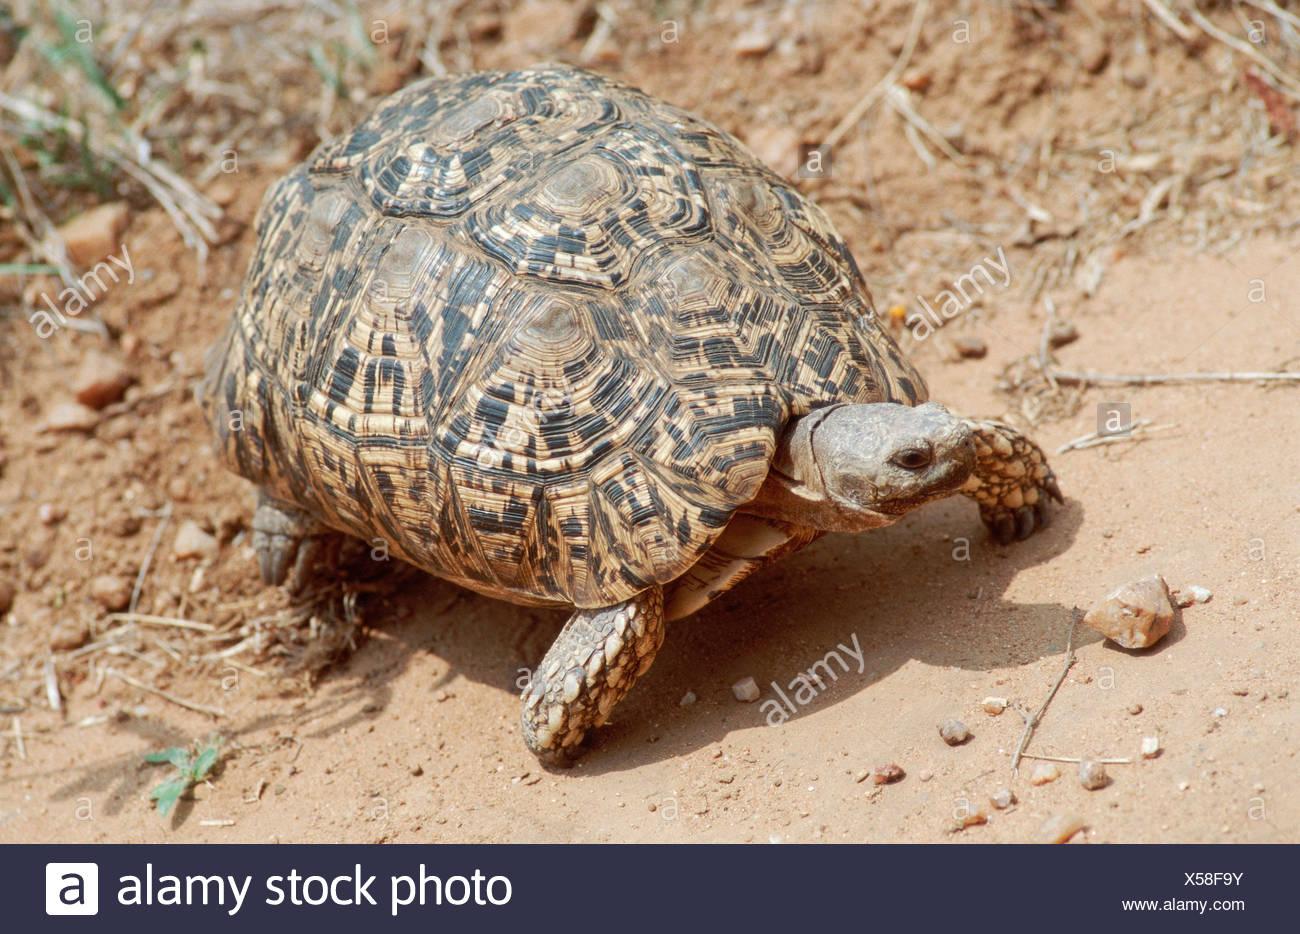 Leopard Tortoise / Leopardenschildkroete / Pantherschildkroete - Stock Image